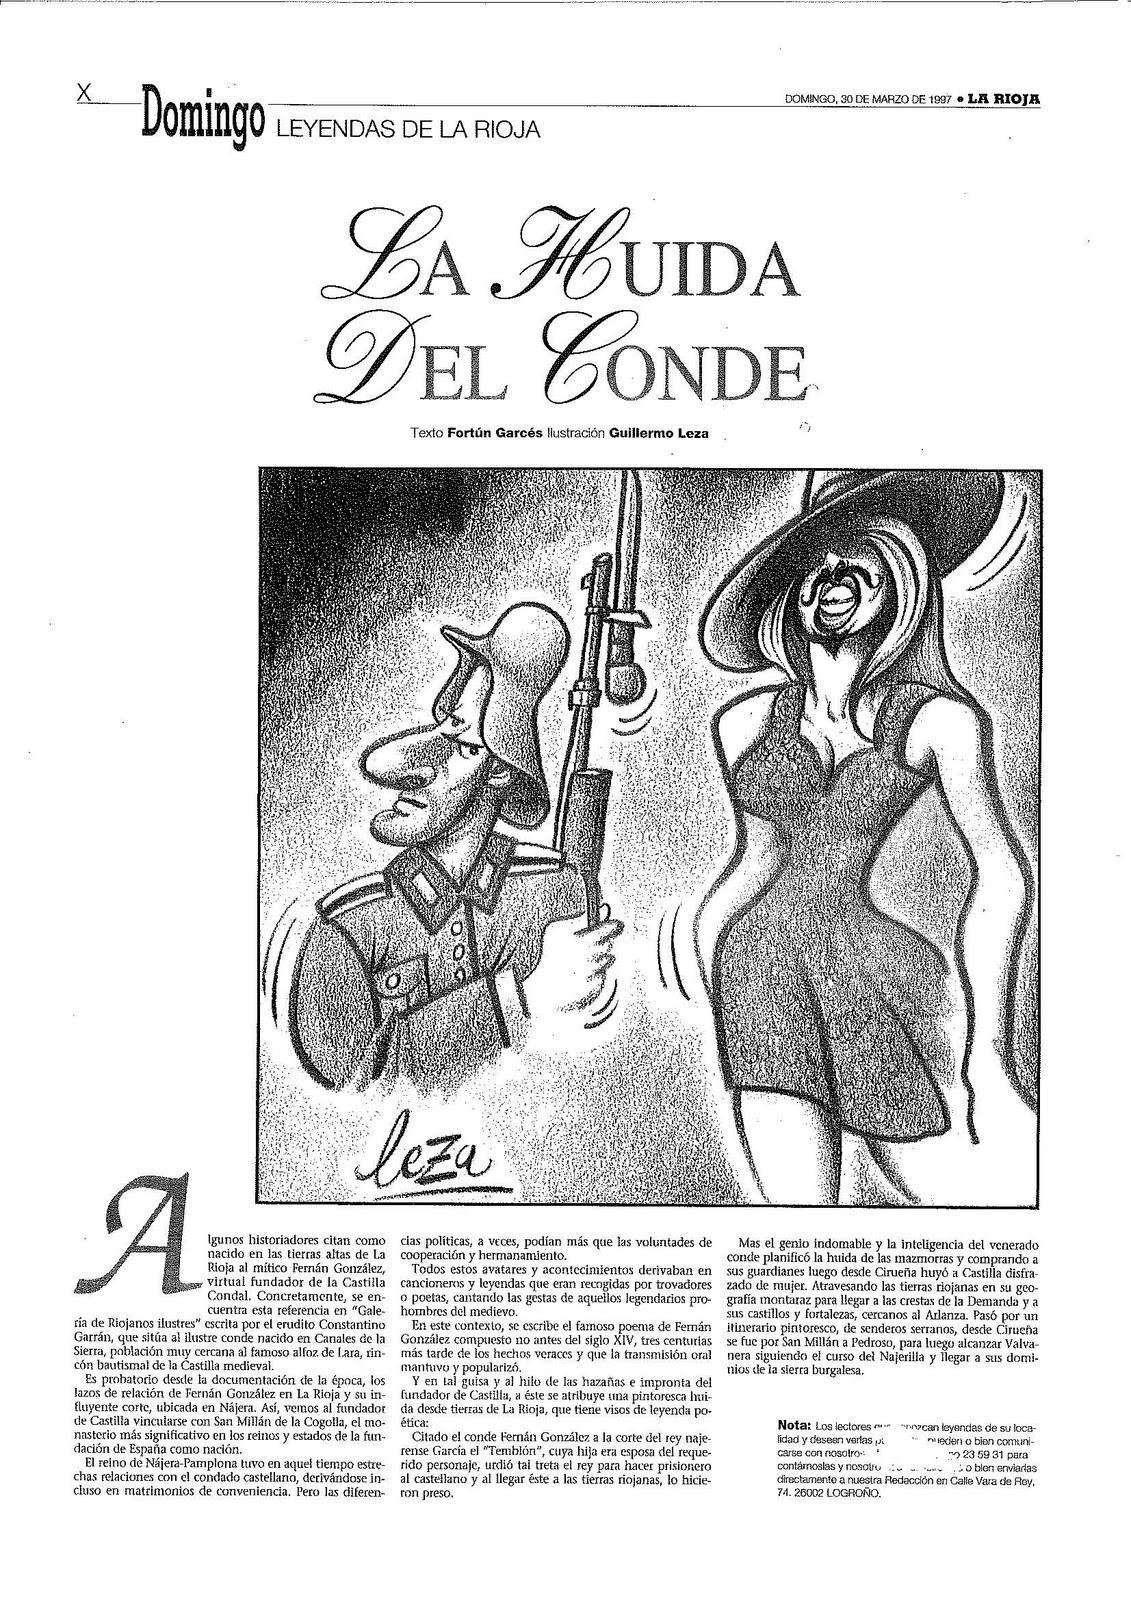 Solei Desnudo - esbiguznet - pgina 12